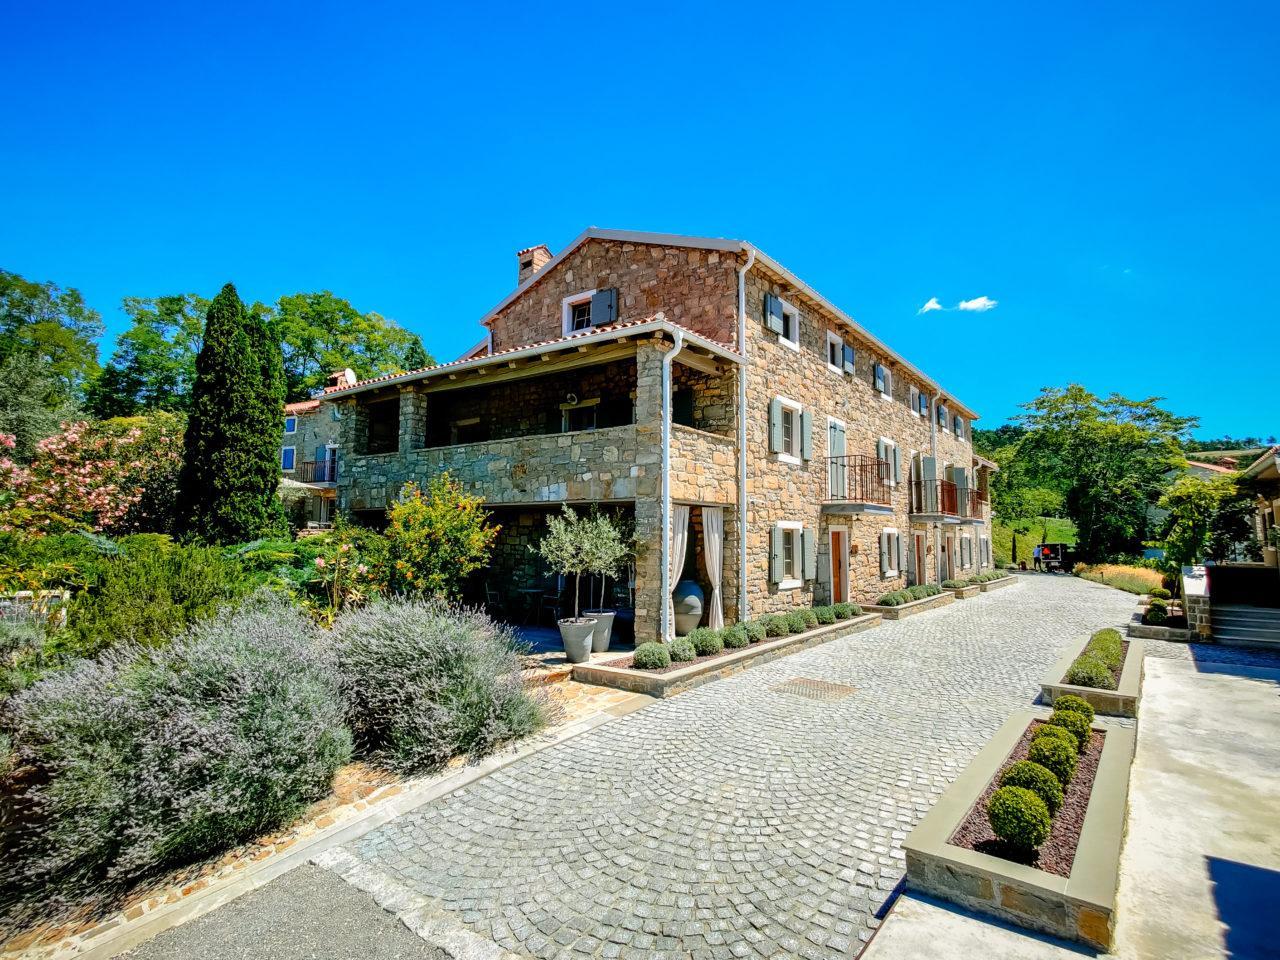 hochzeitslocation Kroatien location hochzeit heiraten 5 4 1280x960 - Hochzeitslocations